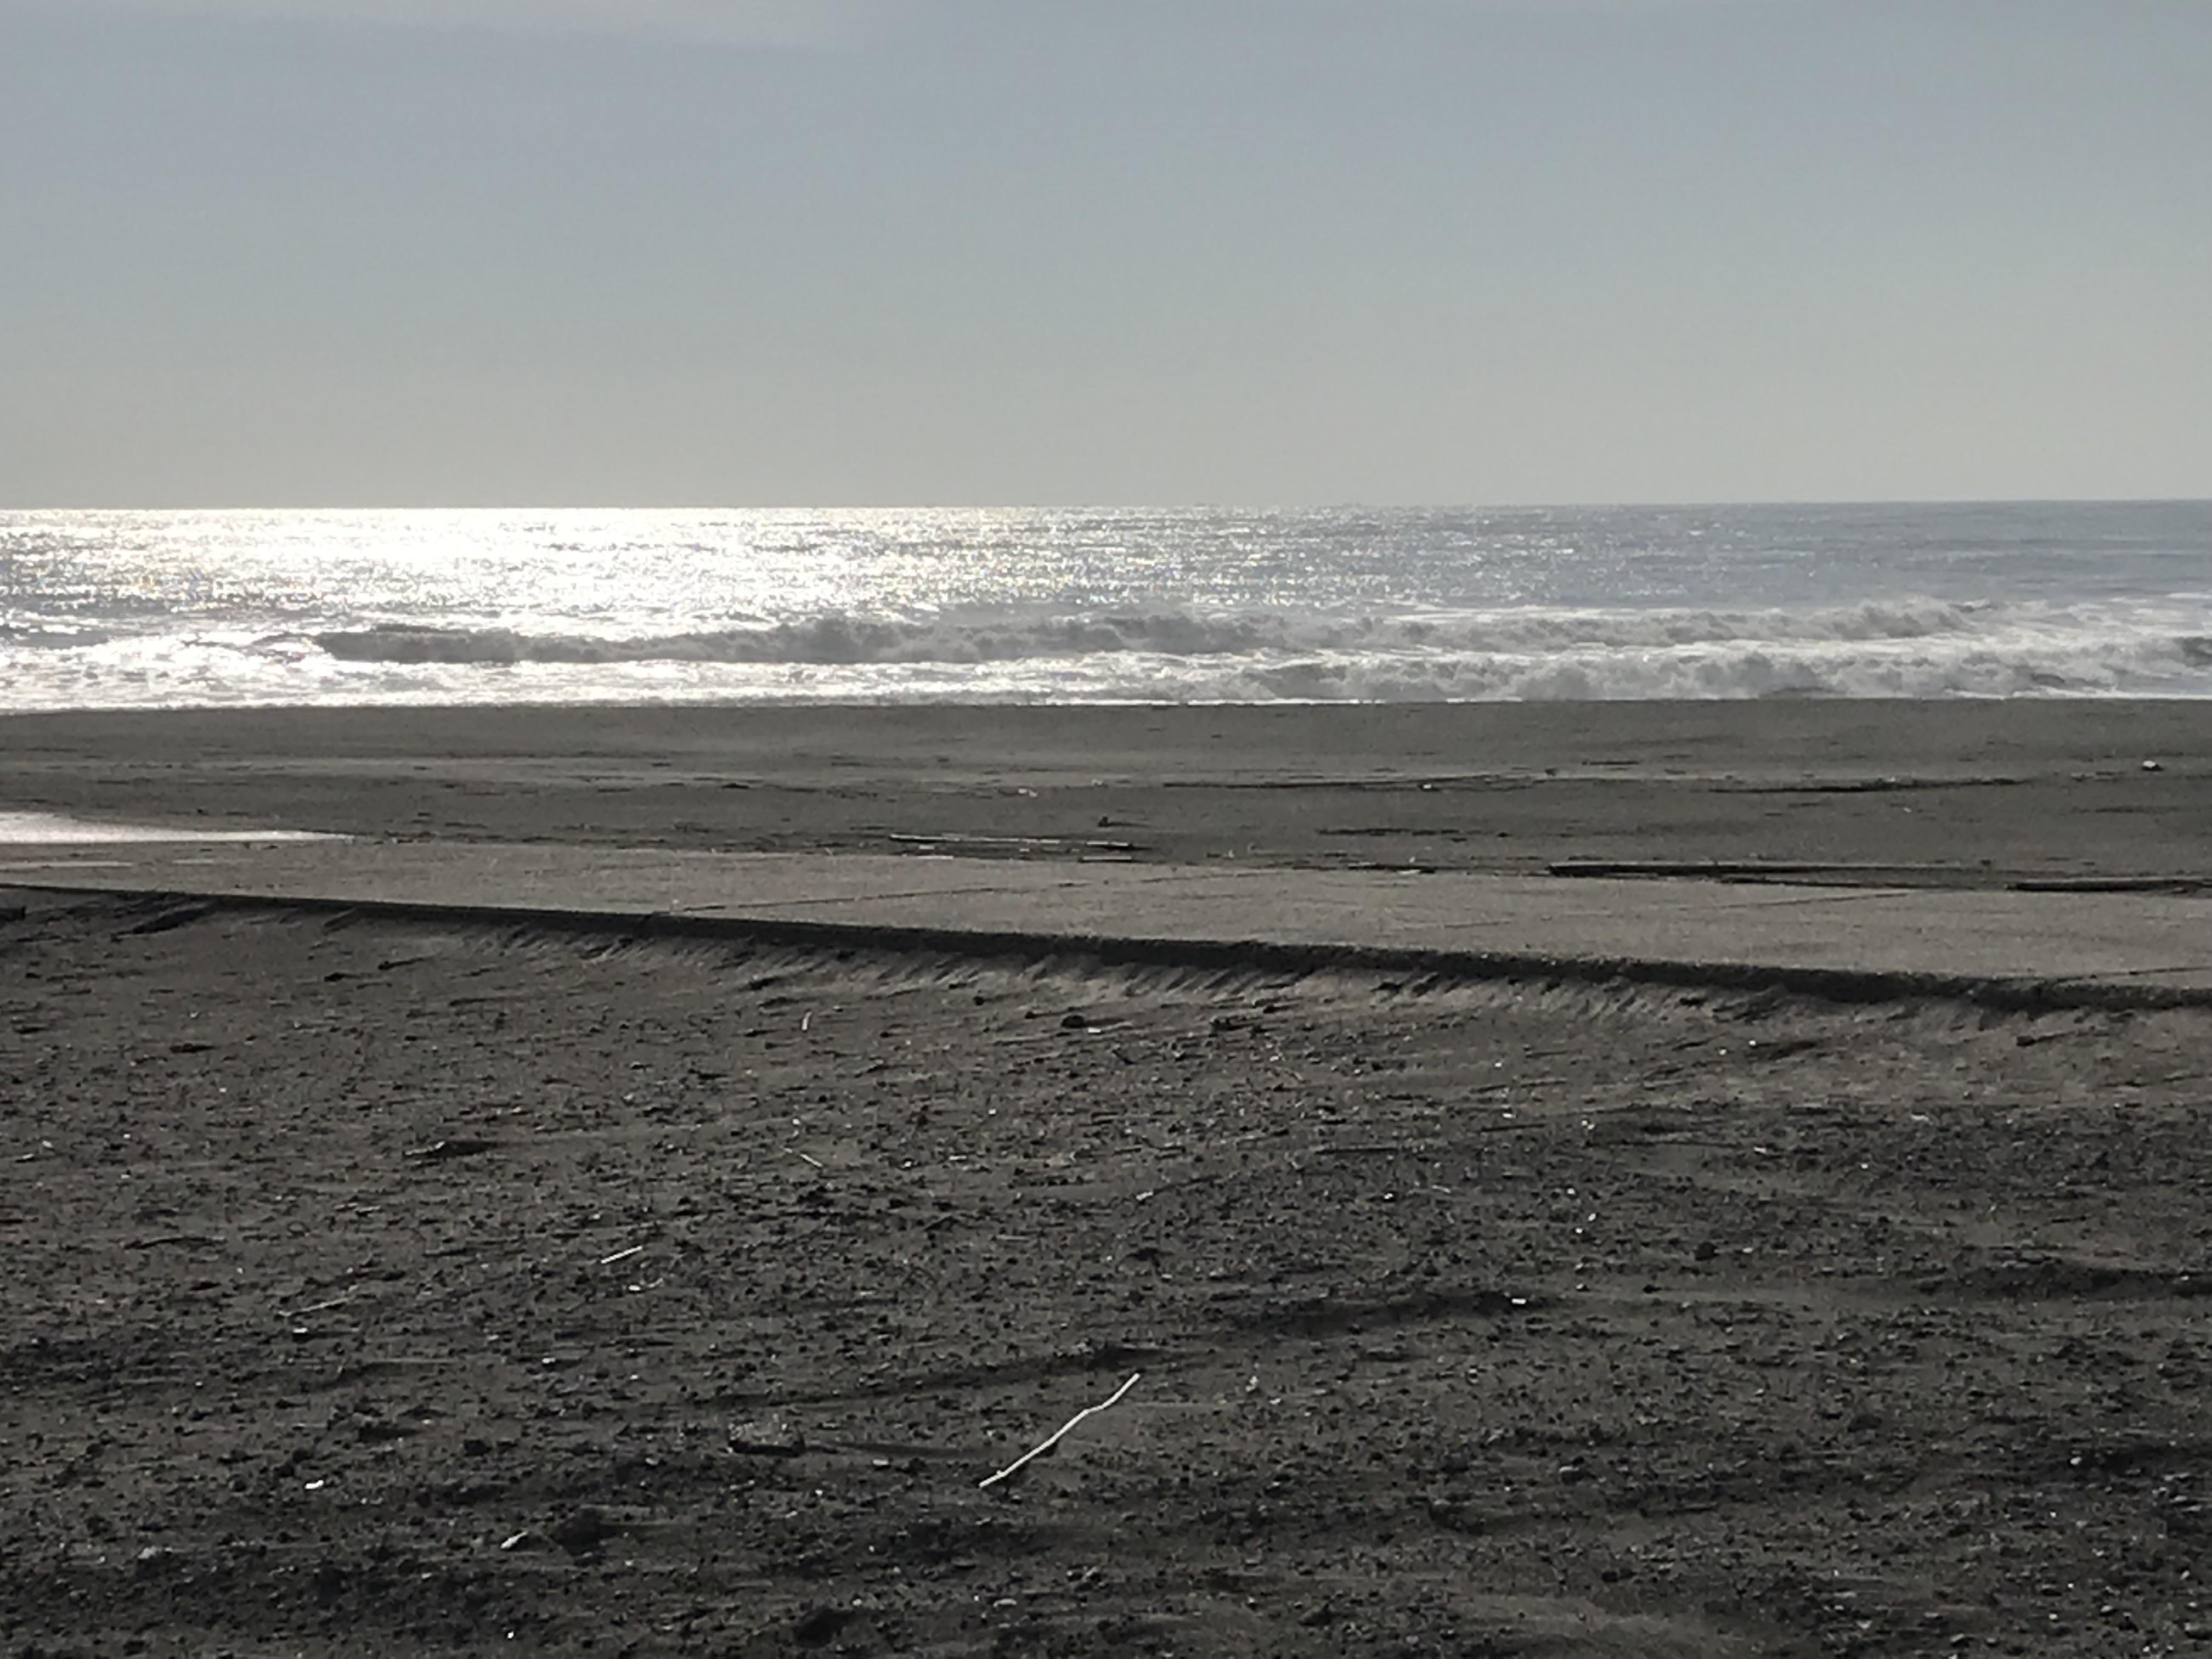 波が大きくても出る場所が分かれば…】 | 湘南サーフィンスクール ...